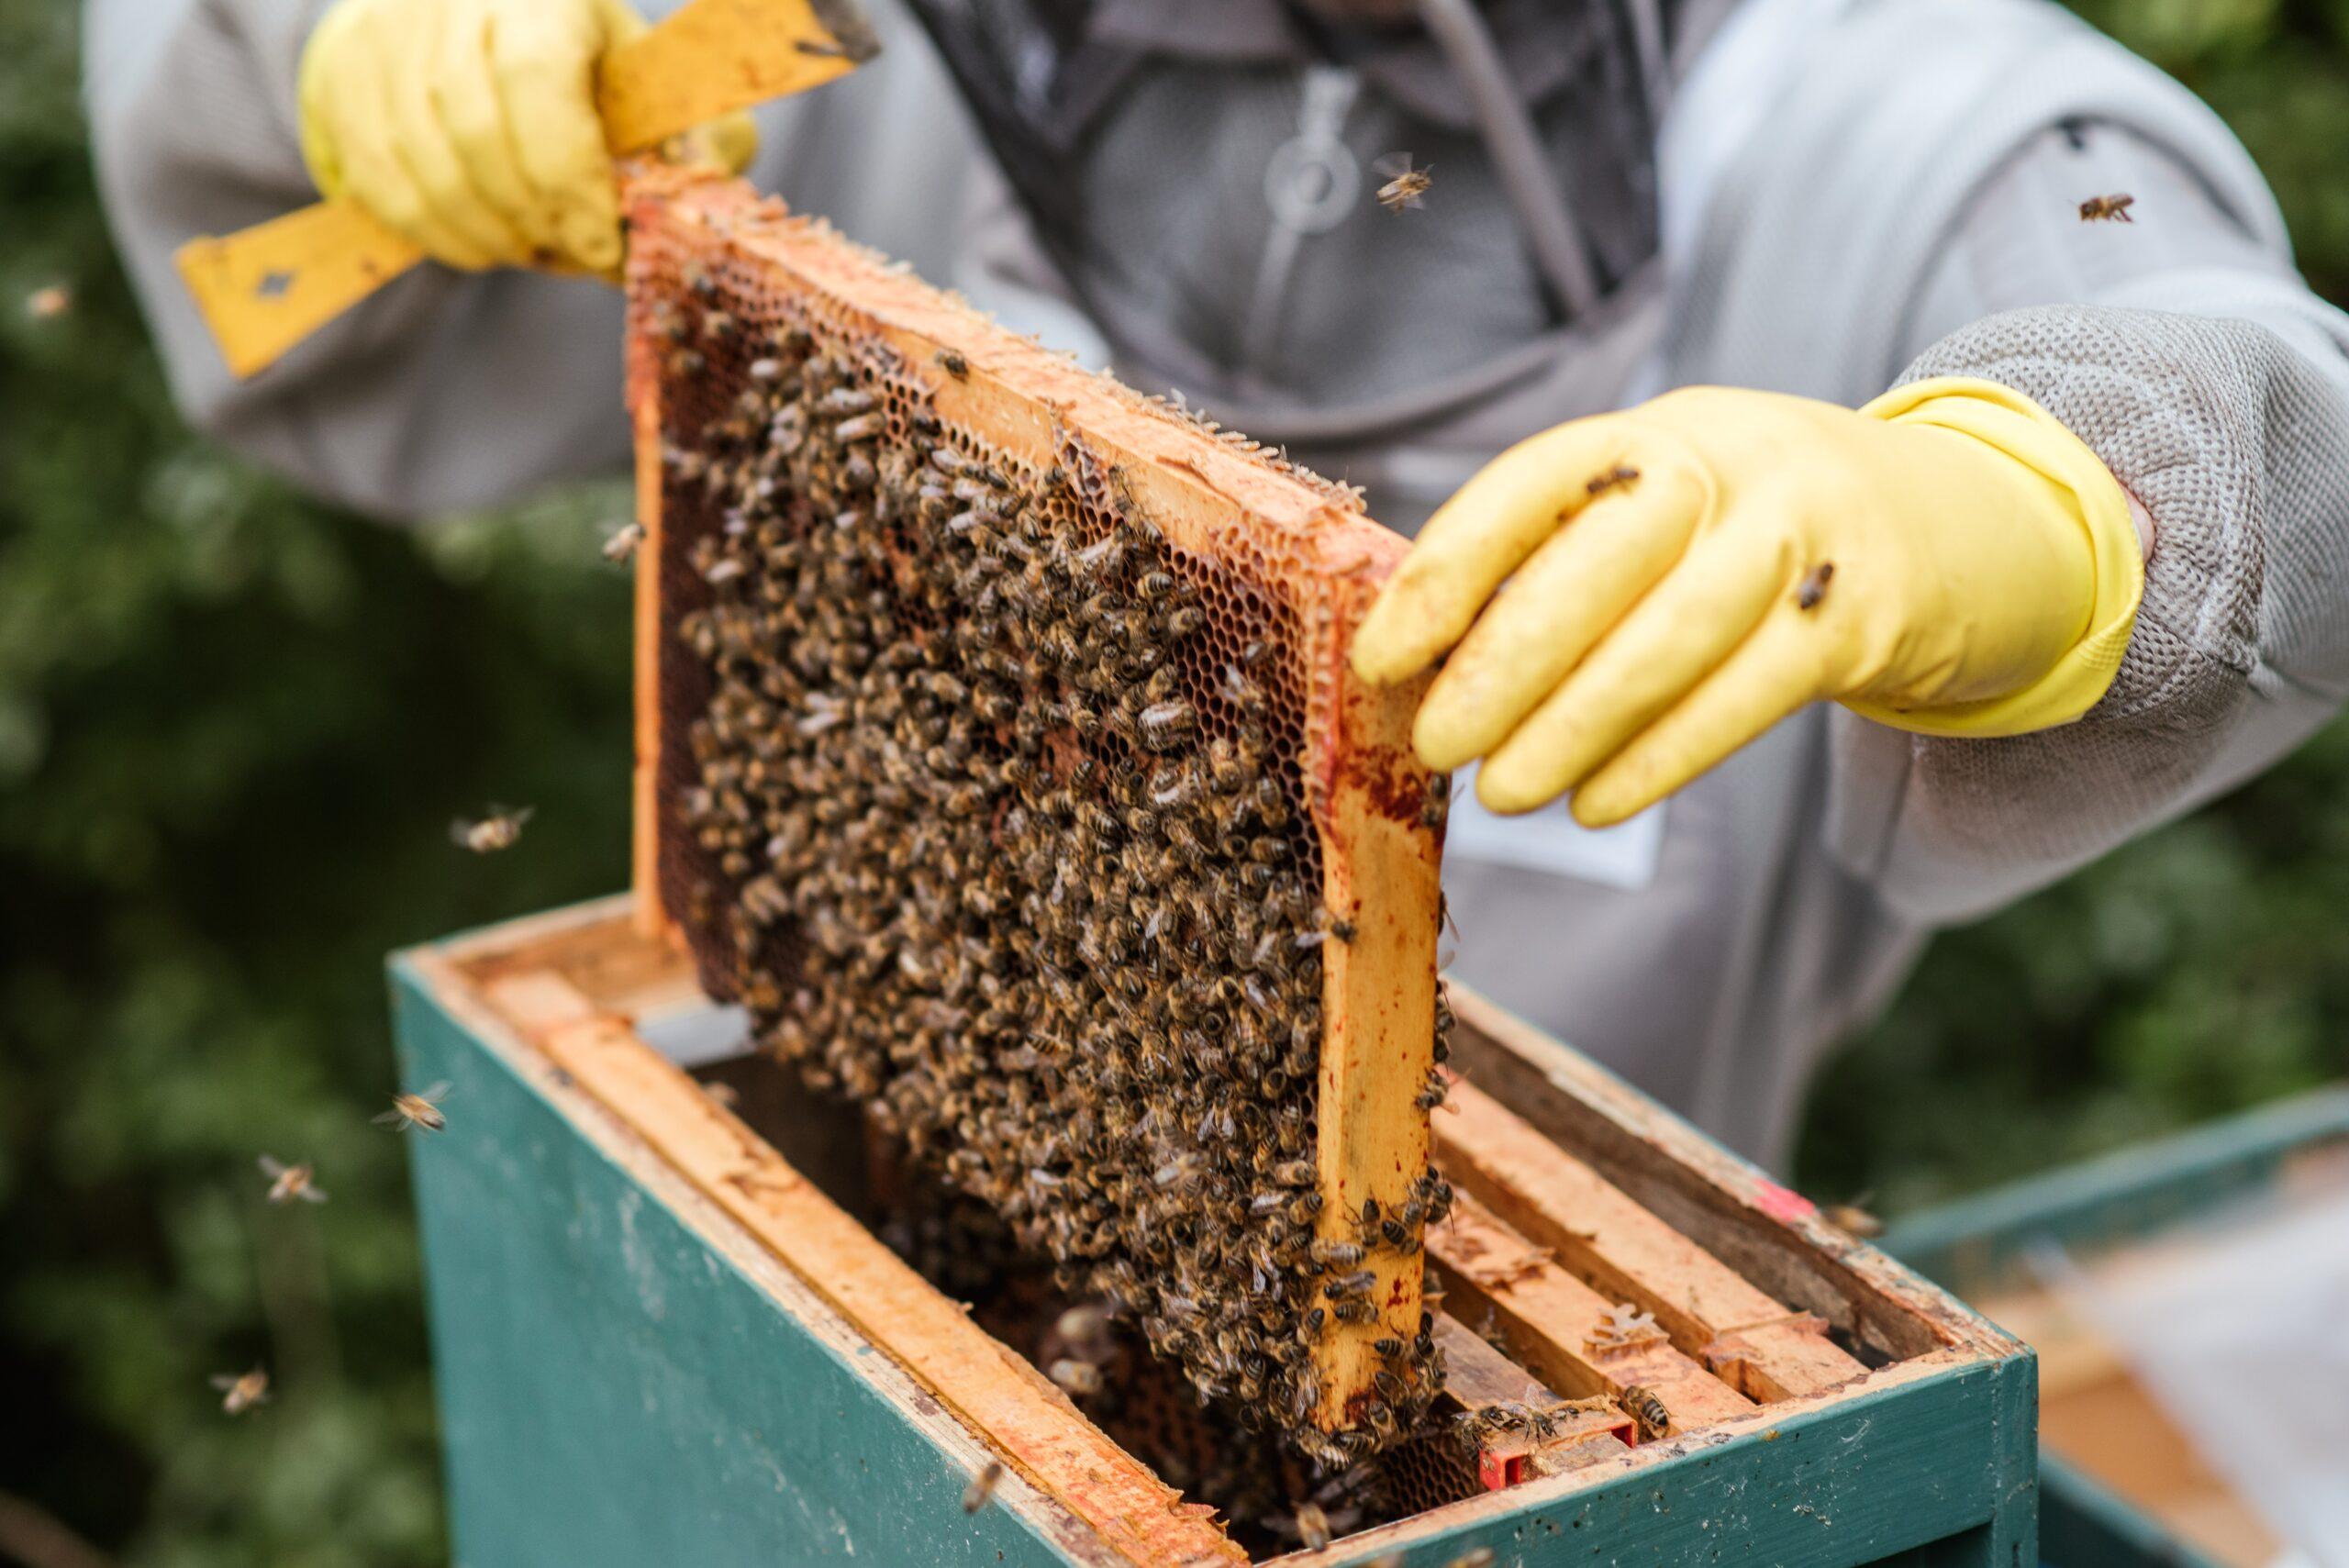 Apiculteur en action, entrain d'enlever délicatement un cadre de la ruche